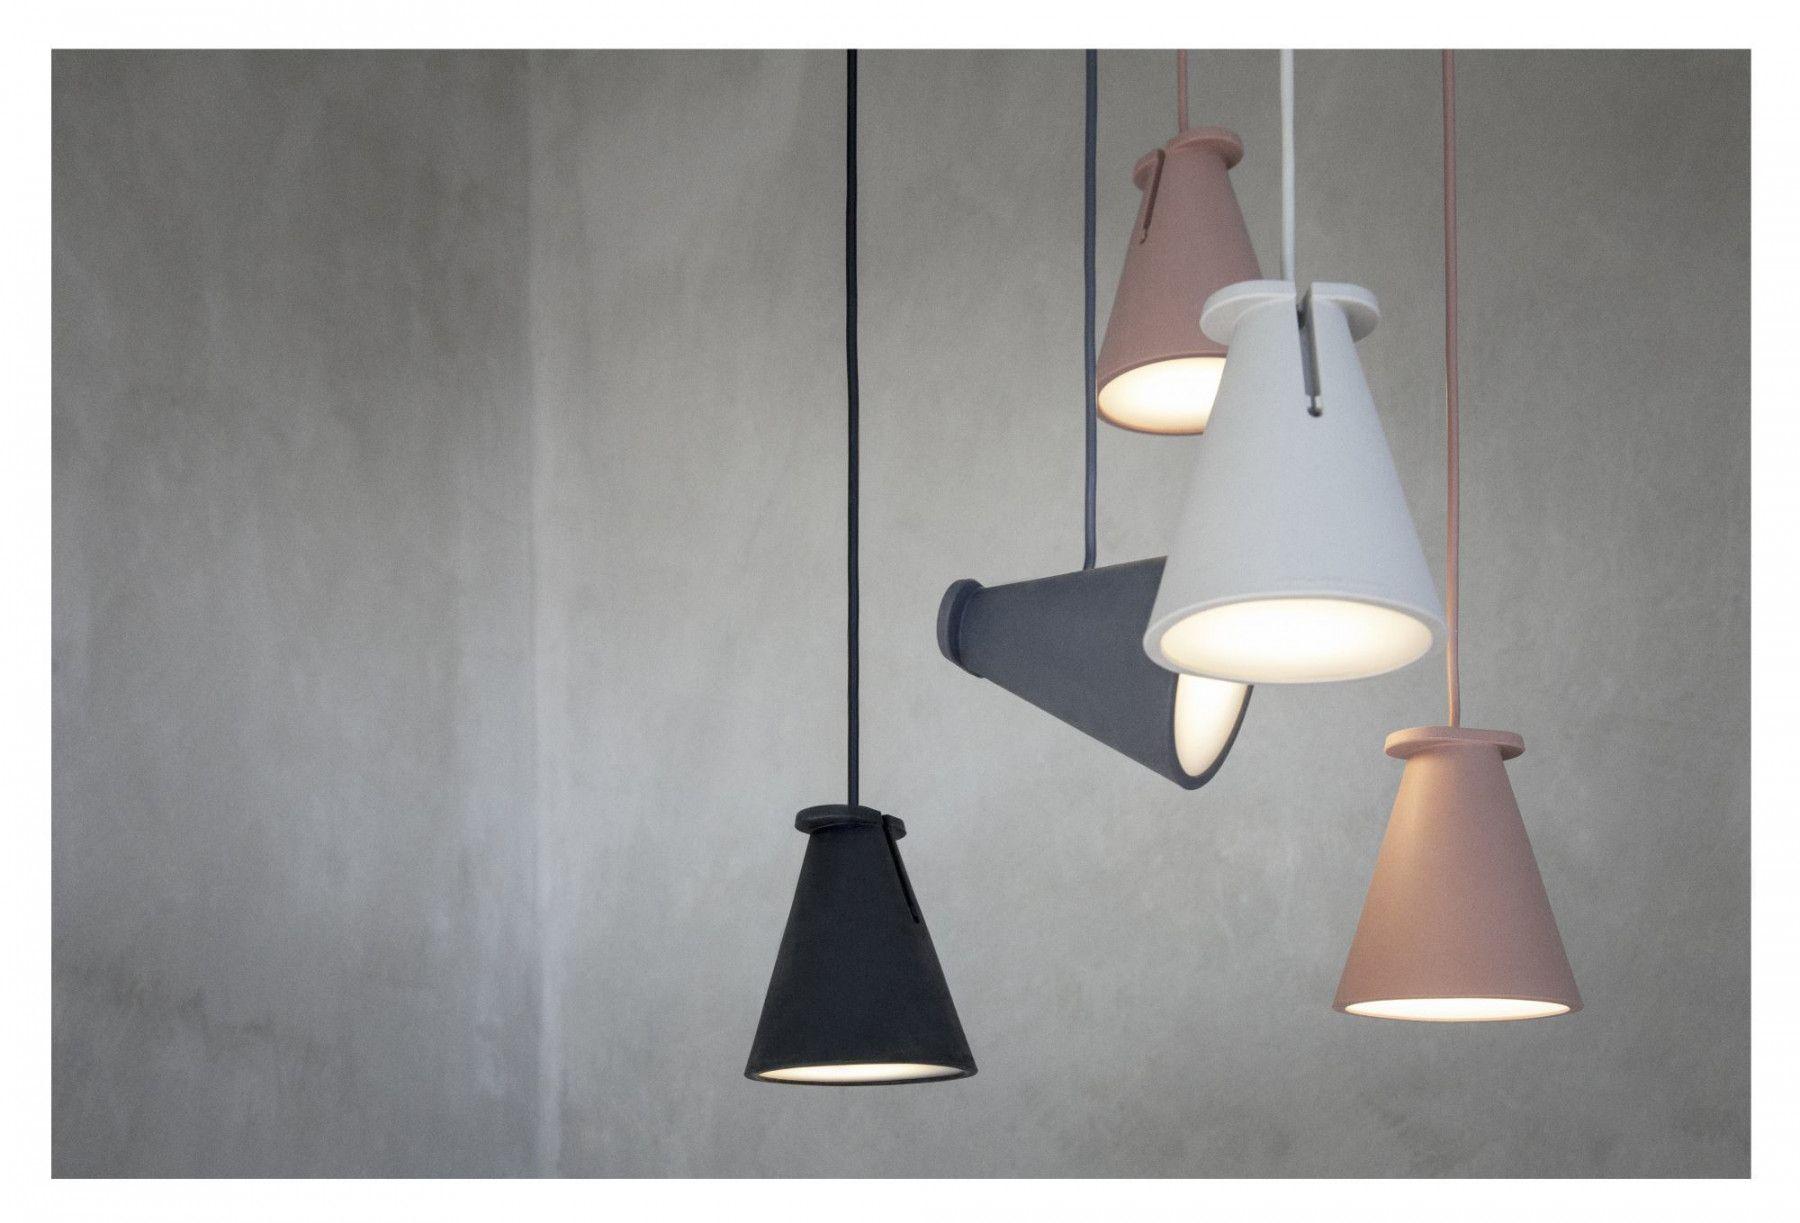 Bollard Lamp Leuchte Menu Einrichten Design De Ikea Lampen Anhanger Lampen Pendelleuchte